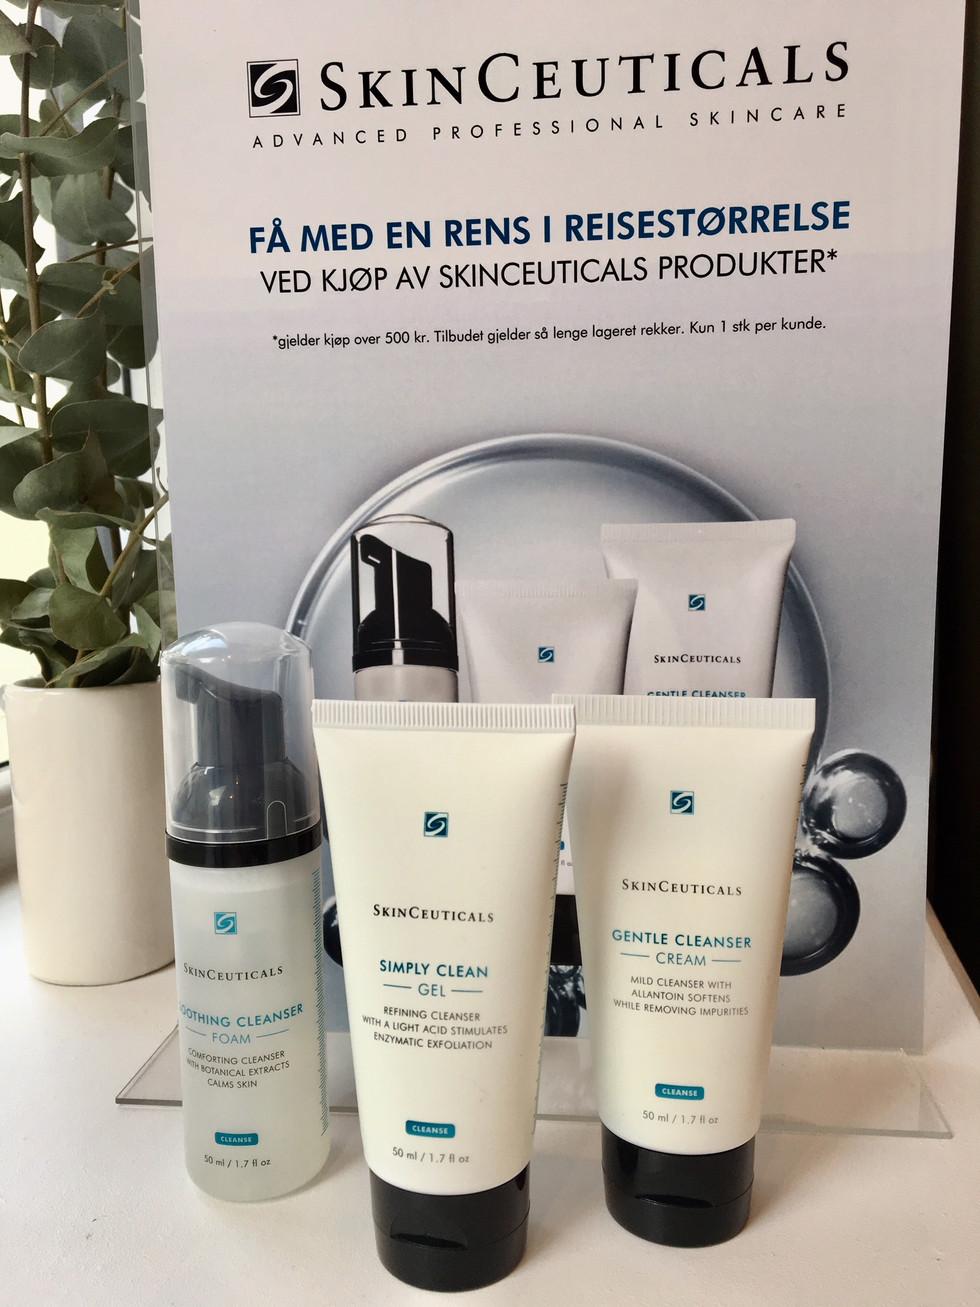 SkinCeuticals kampanje!